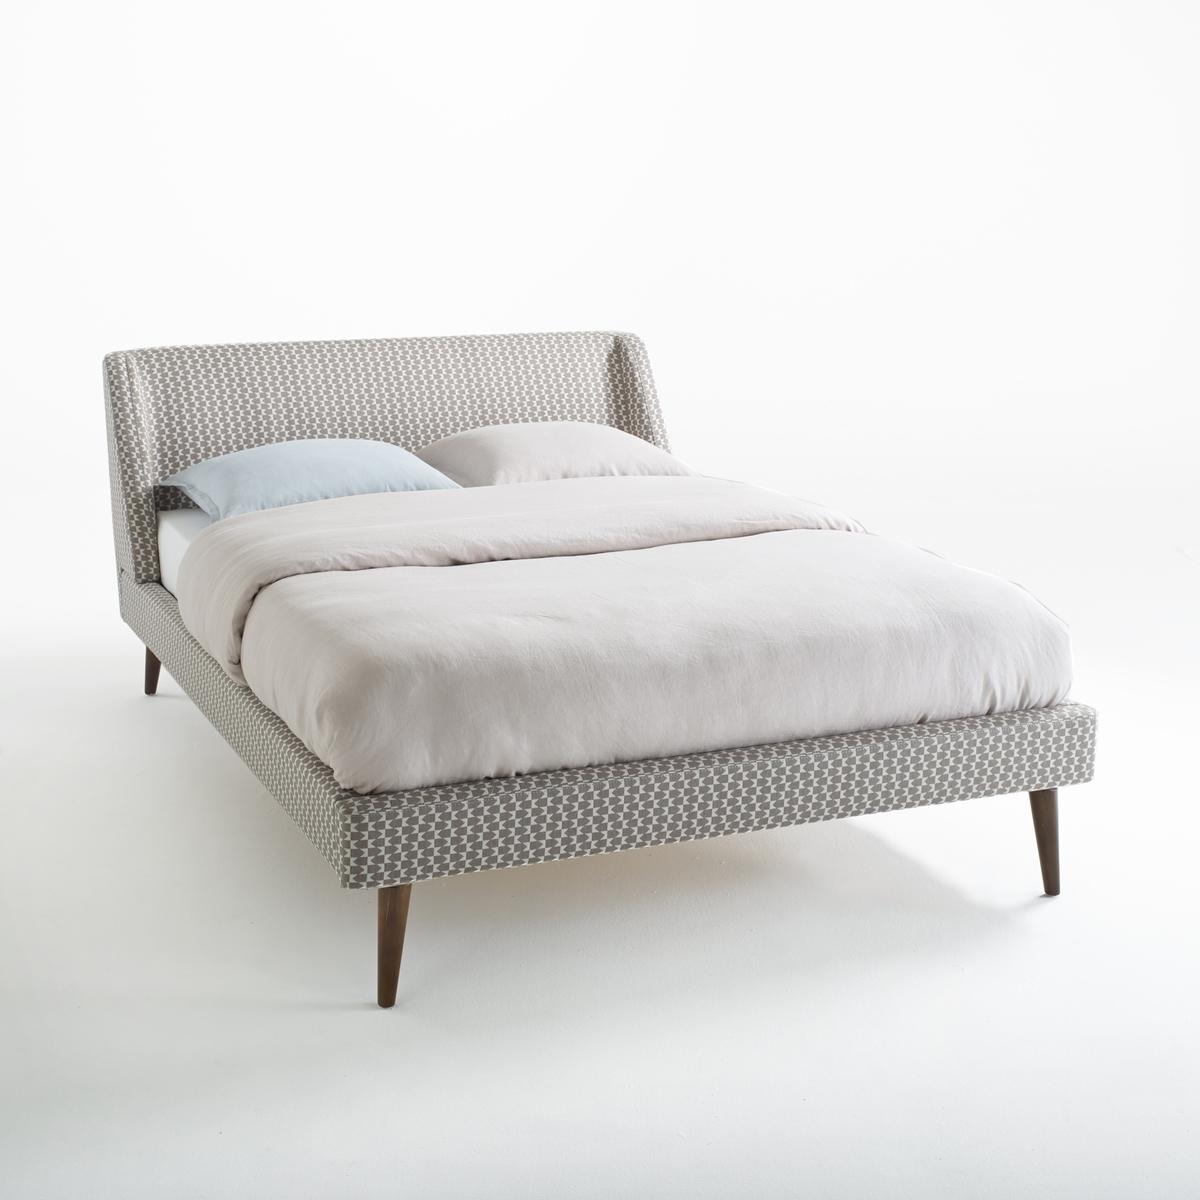 Кровать LaRedoute Semeon 140 x 190 см серый